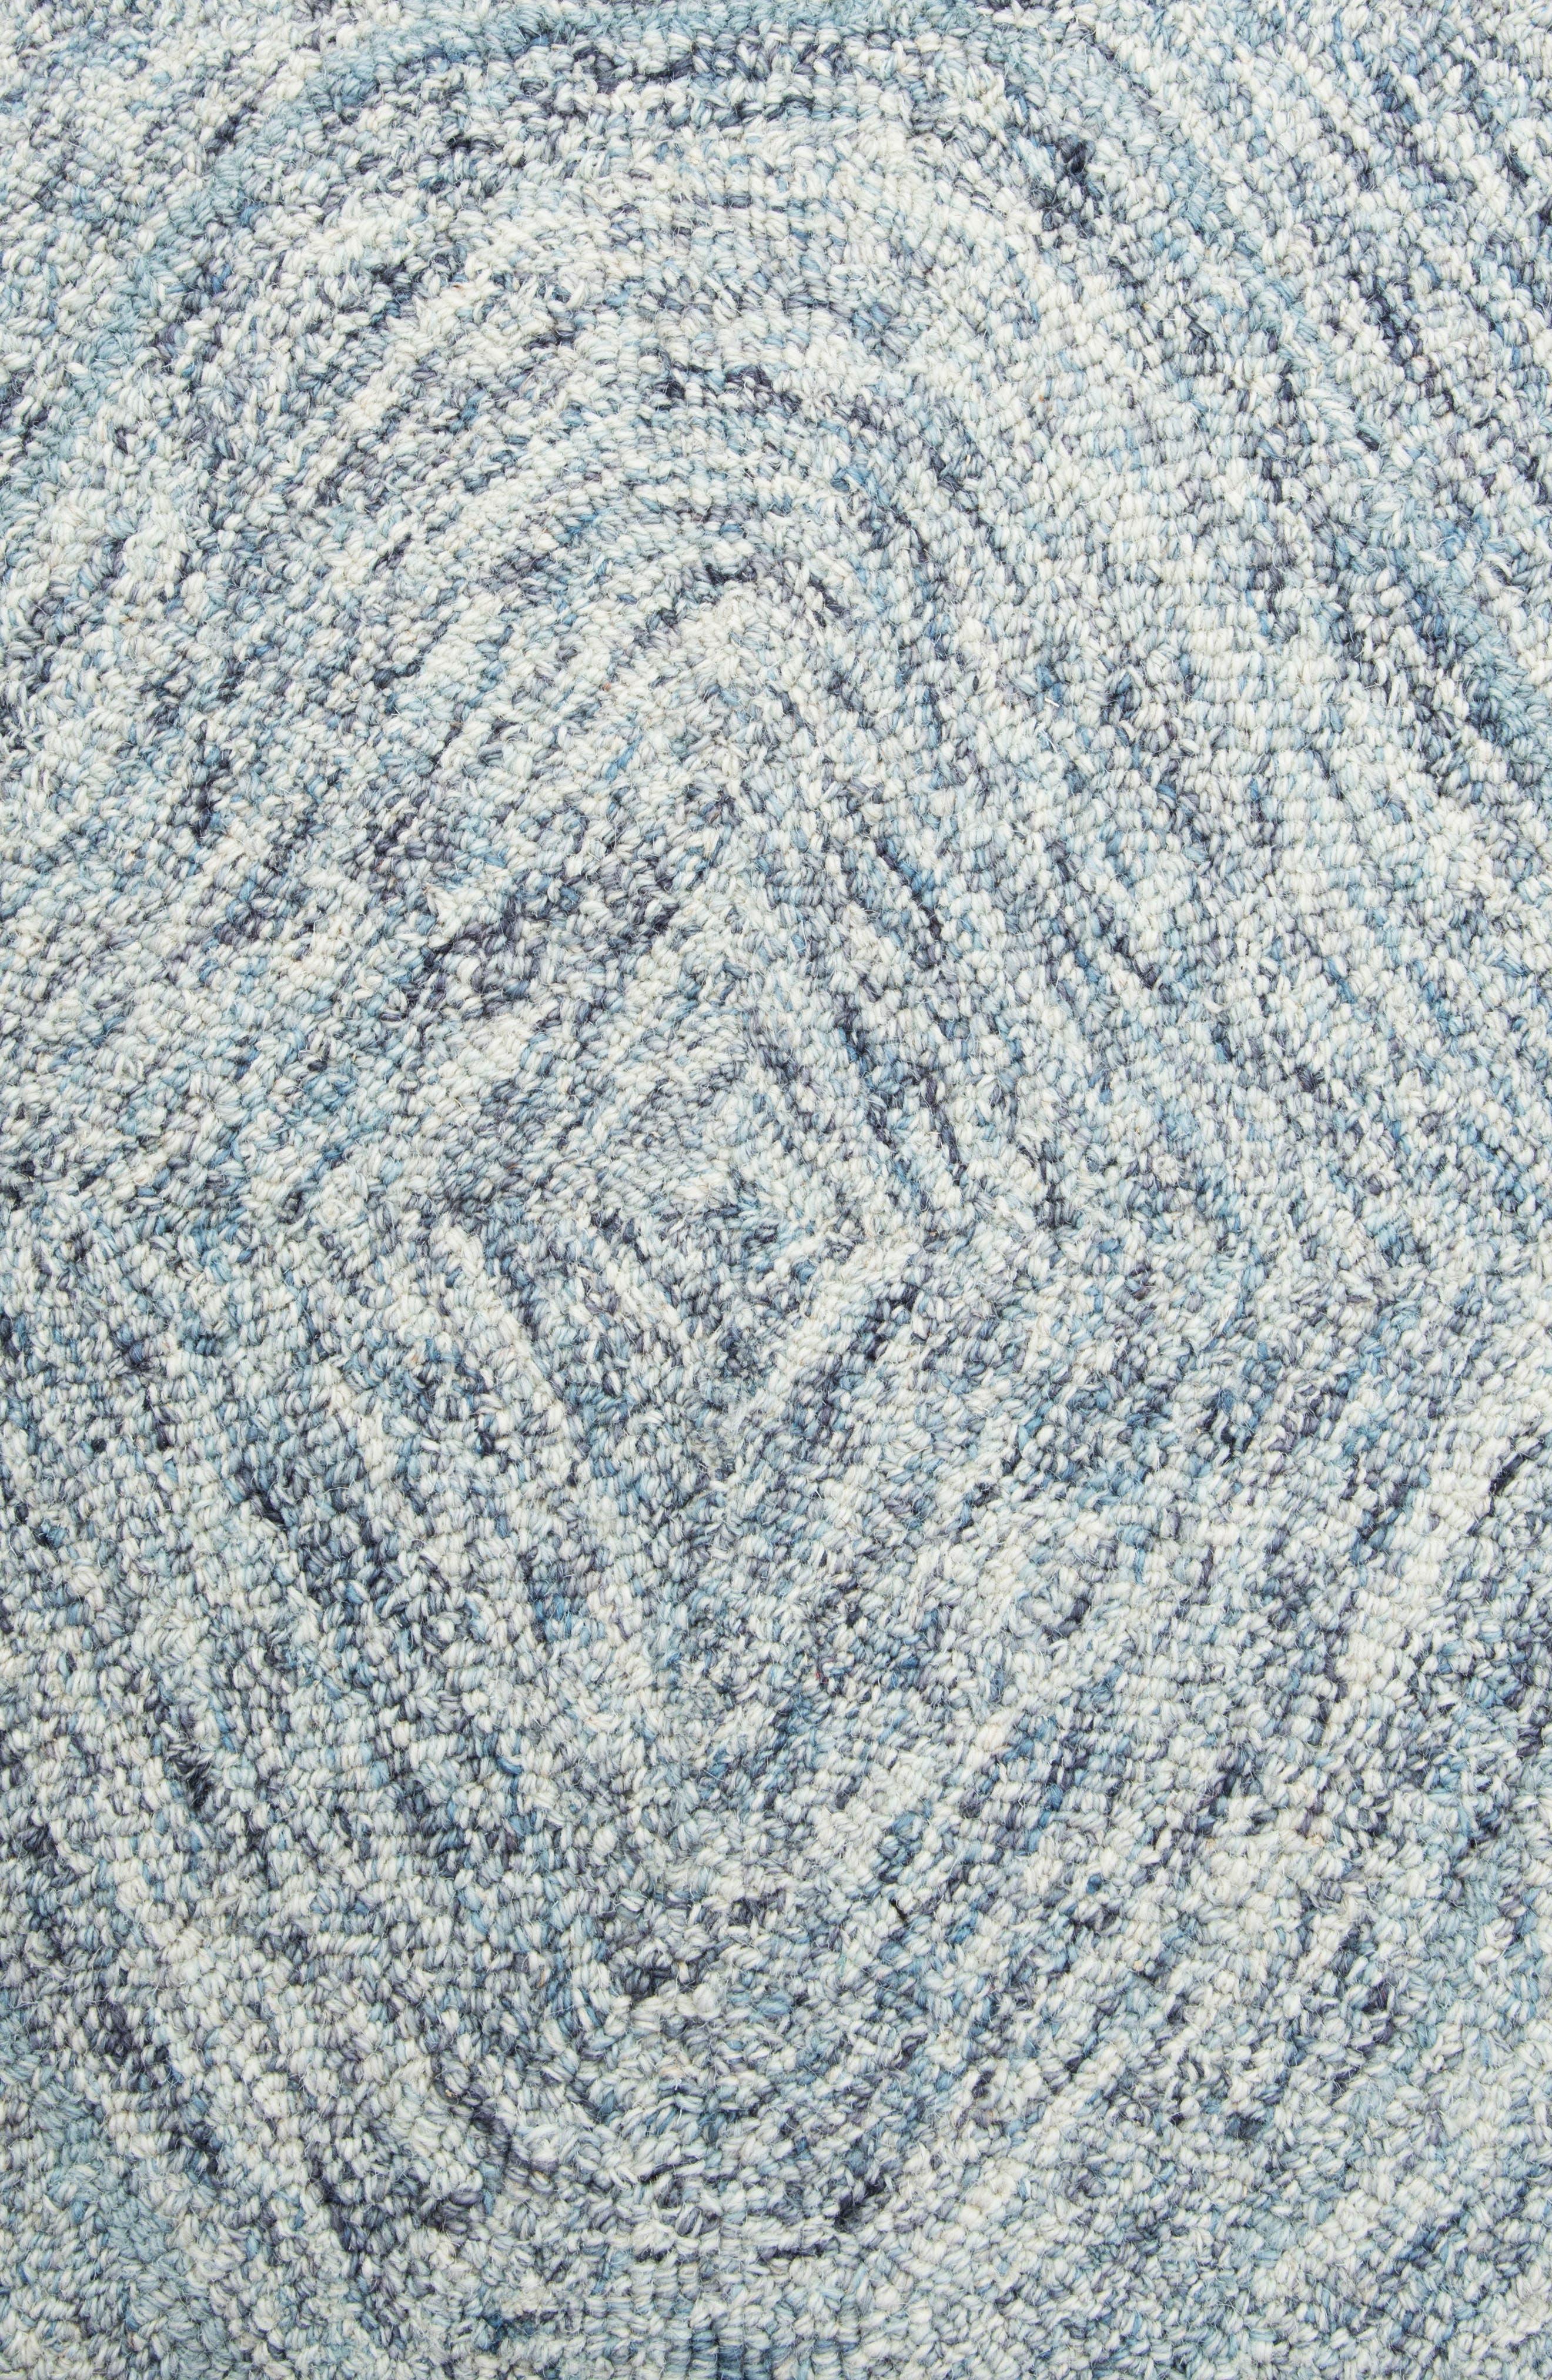 Irregular Diamond Hand Tufted Wool Area Rug,                             Alternate thumbnail 15, color,